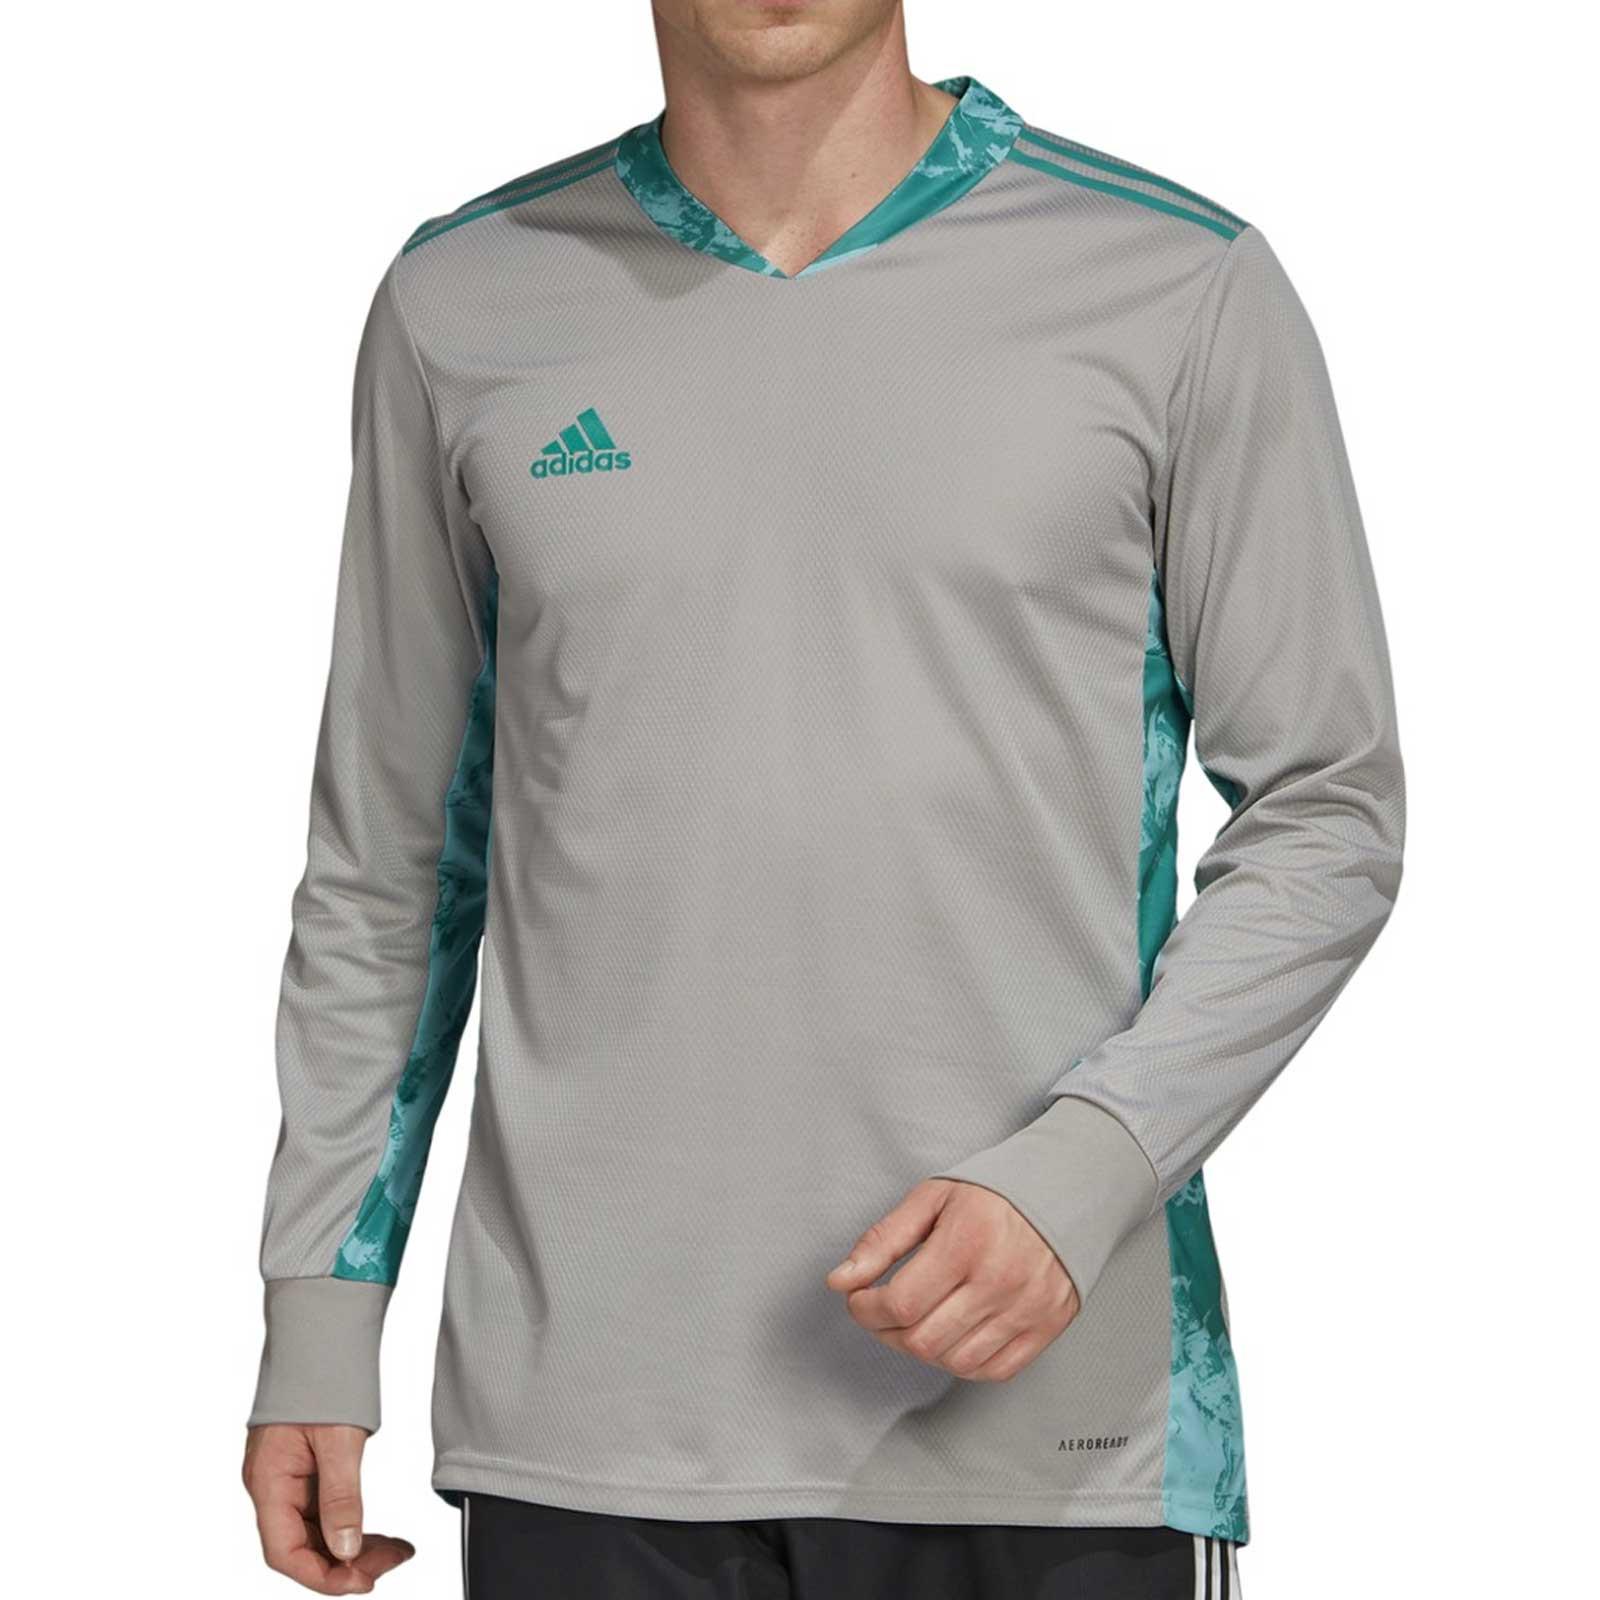 Camiseta portero adidas Adipro 20 GK